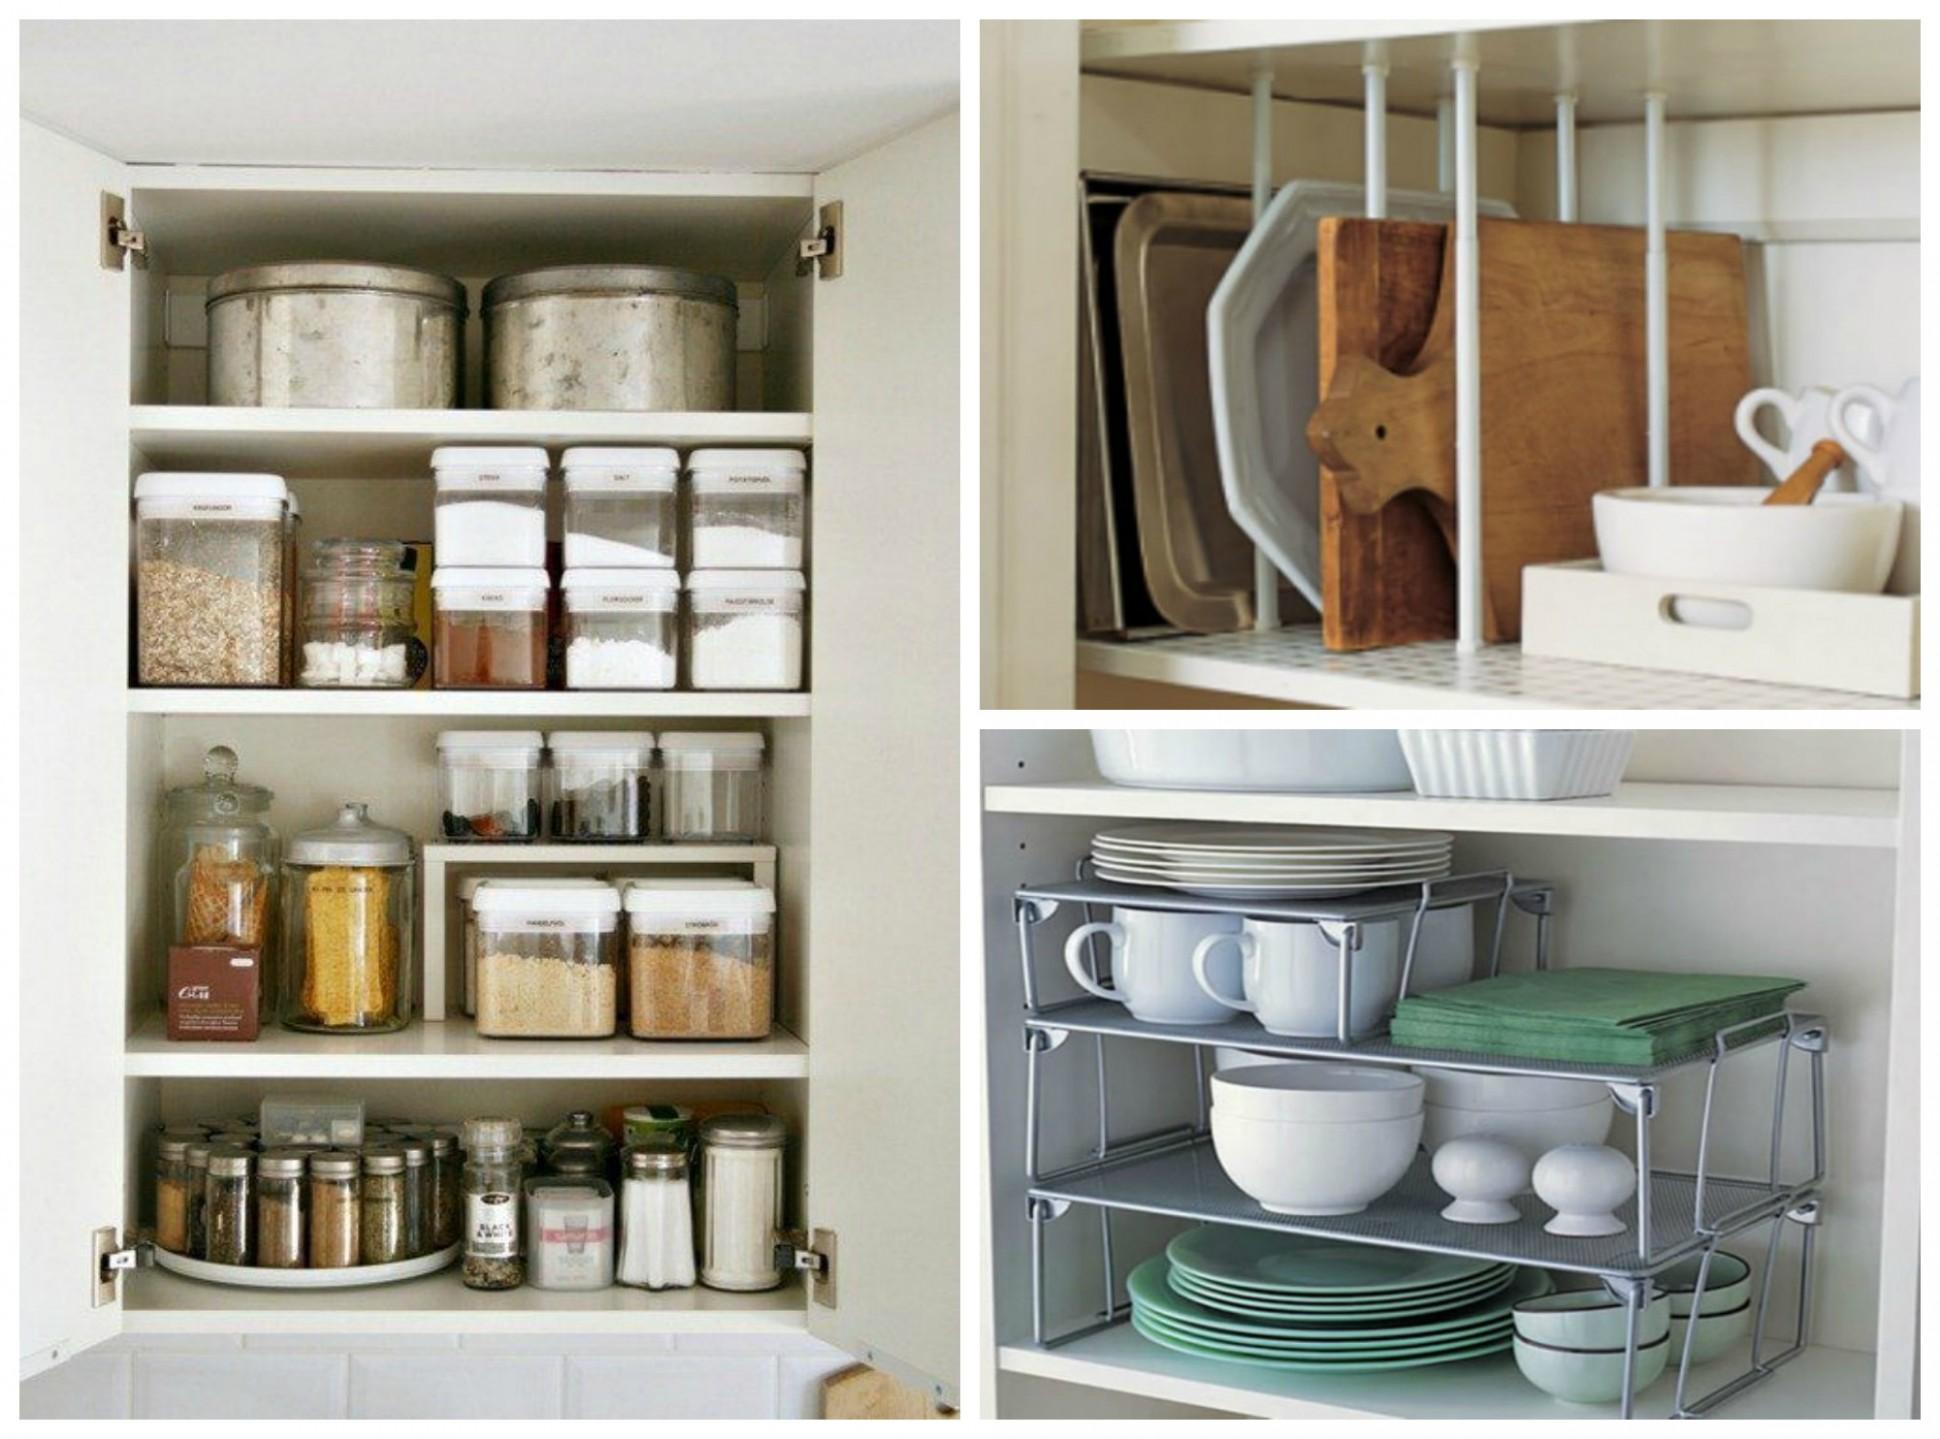 10 Kitchen Cabinet Organization Ideas That are Beyond Easy - Help Me Organize My Kitchen Cabinets